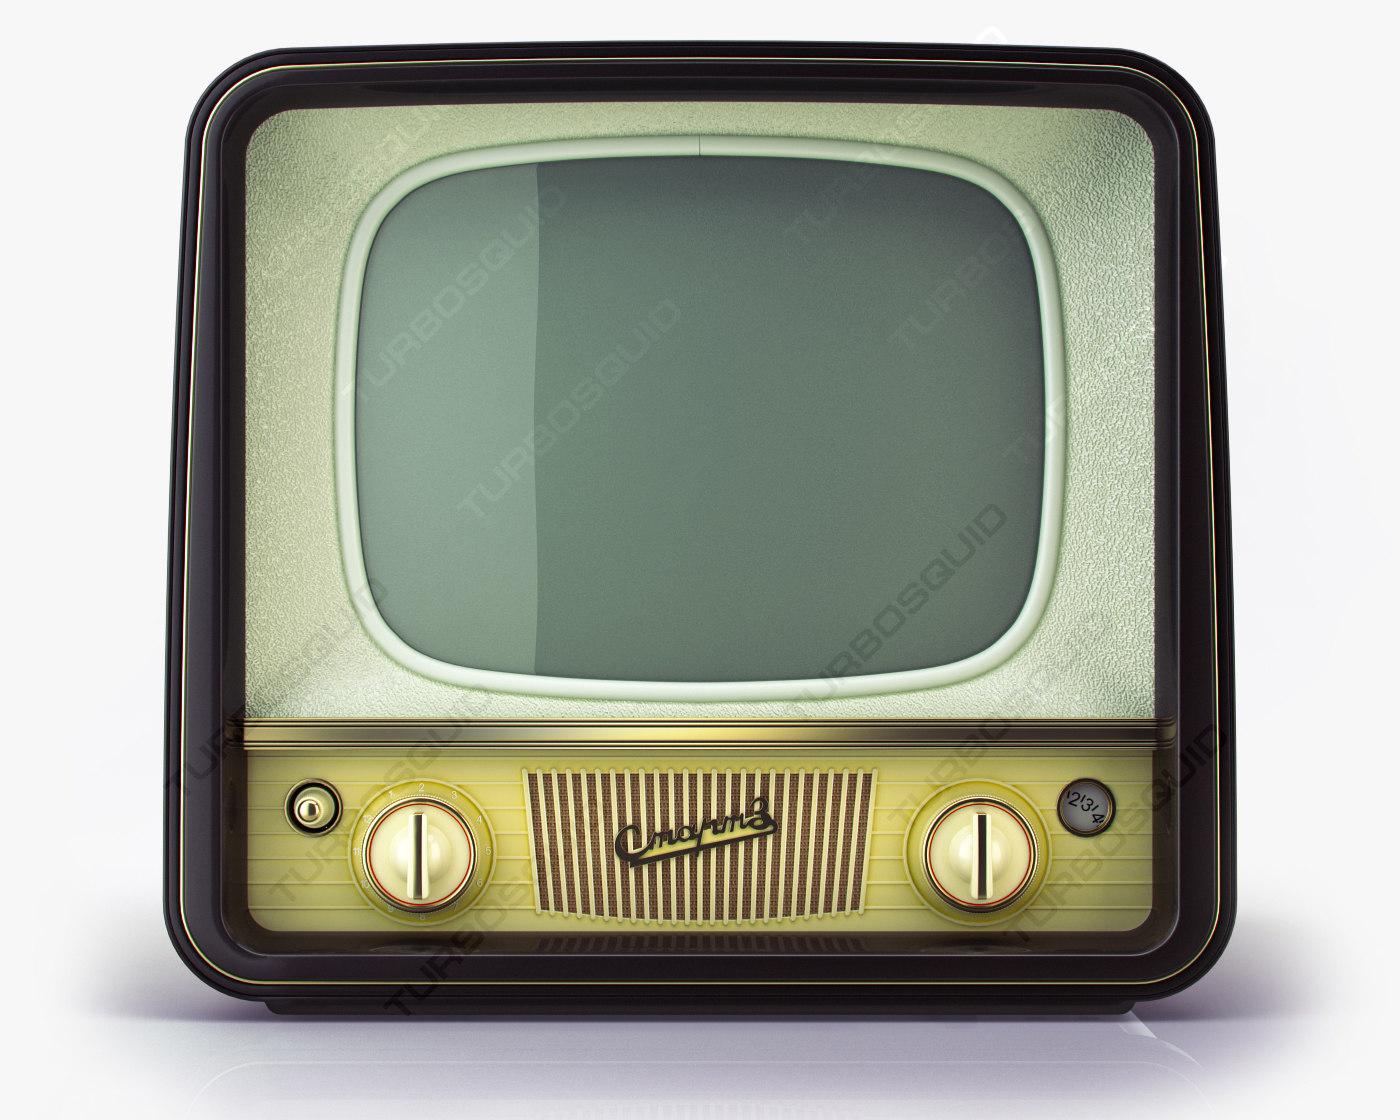 TV_Start-3_01.jpg